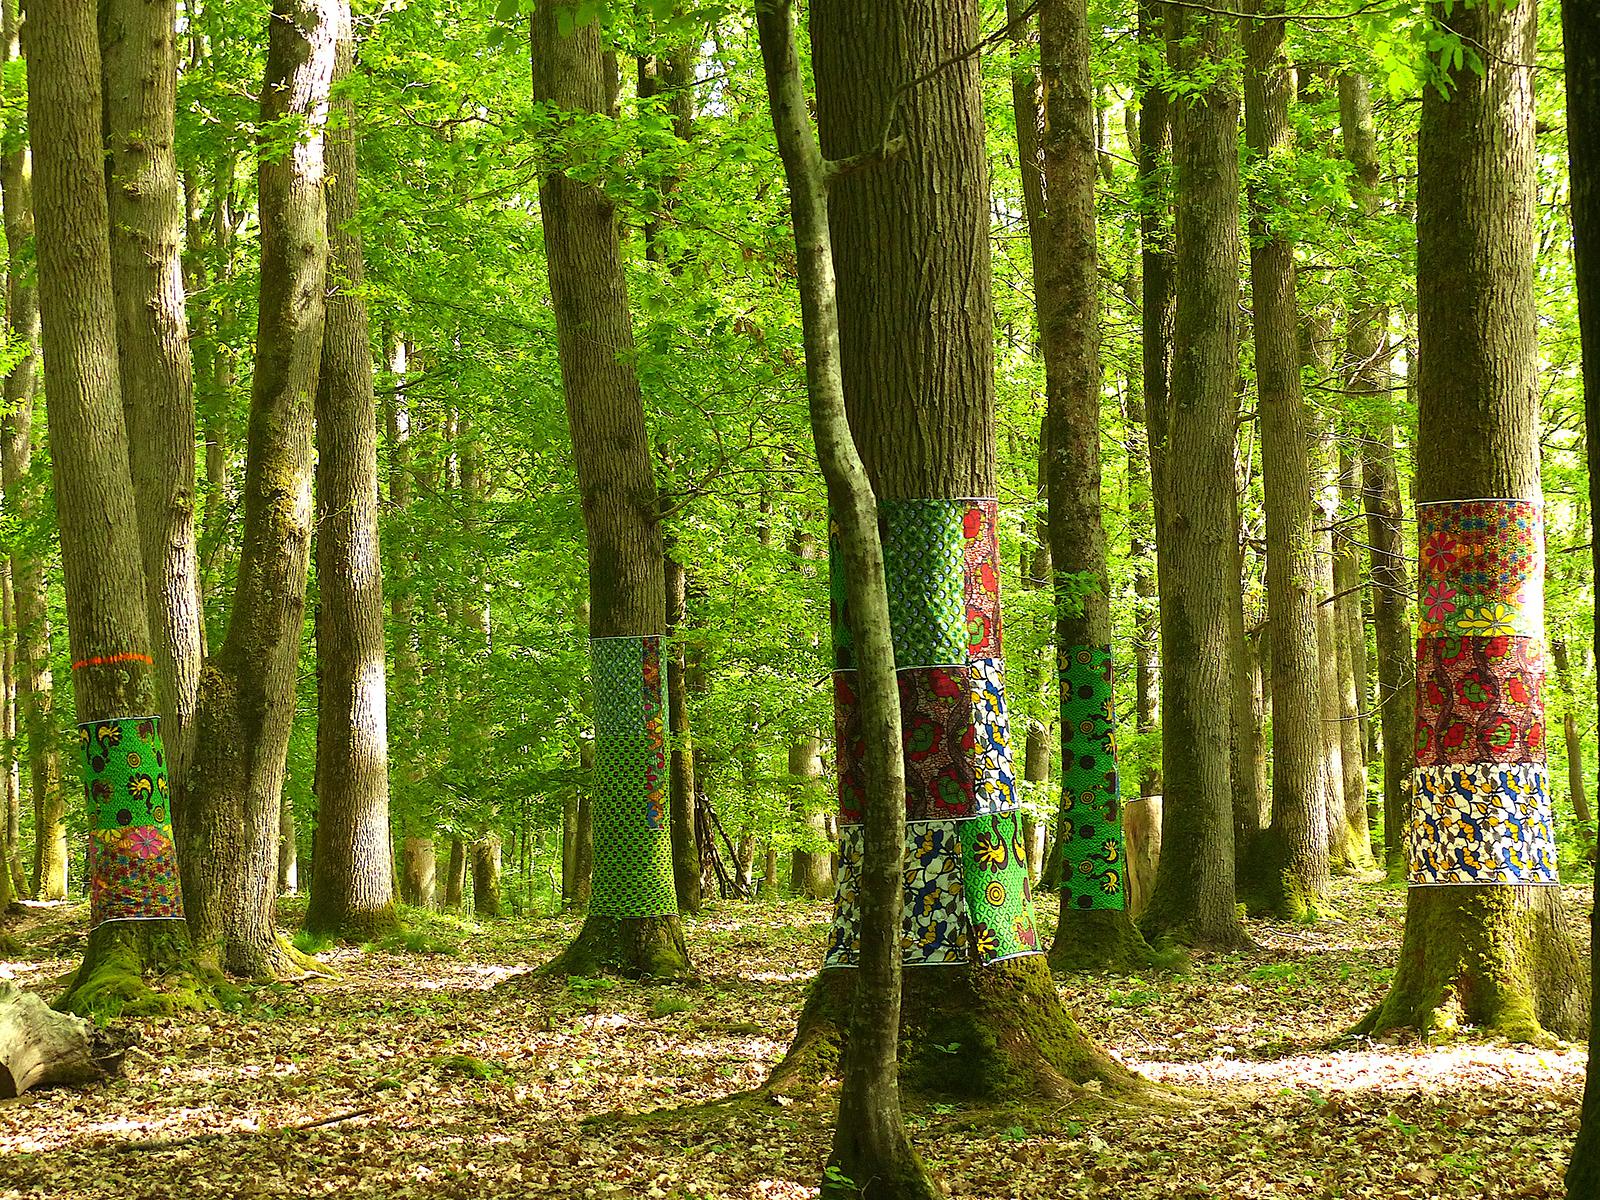 Djins et forêt